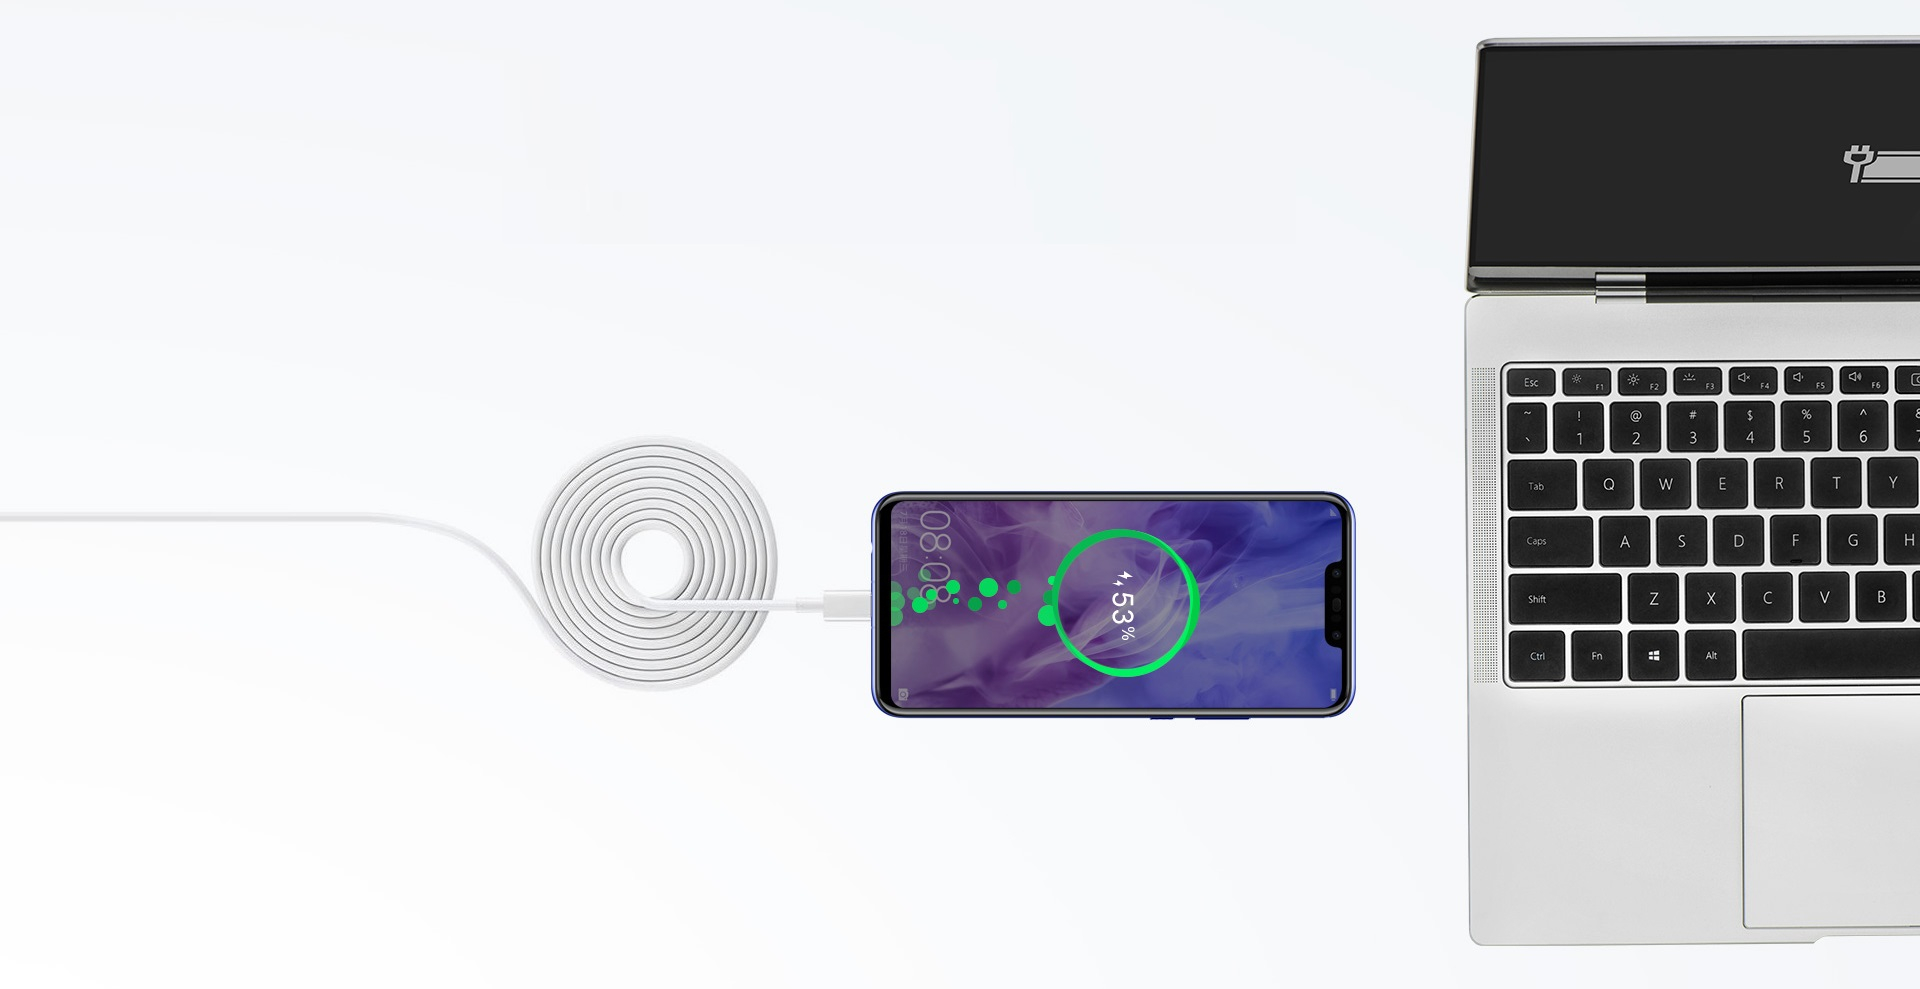 Huawei CP81